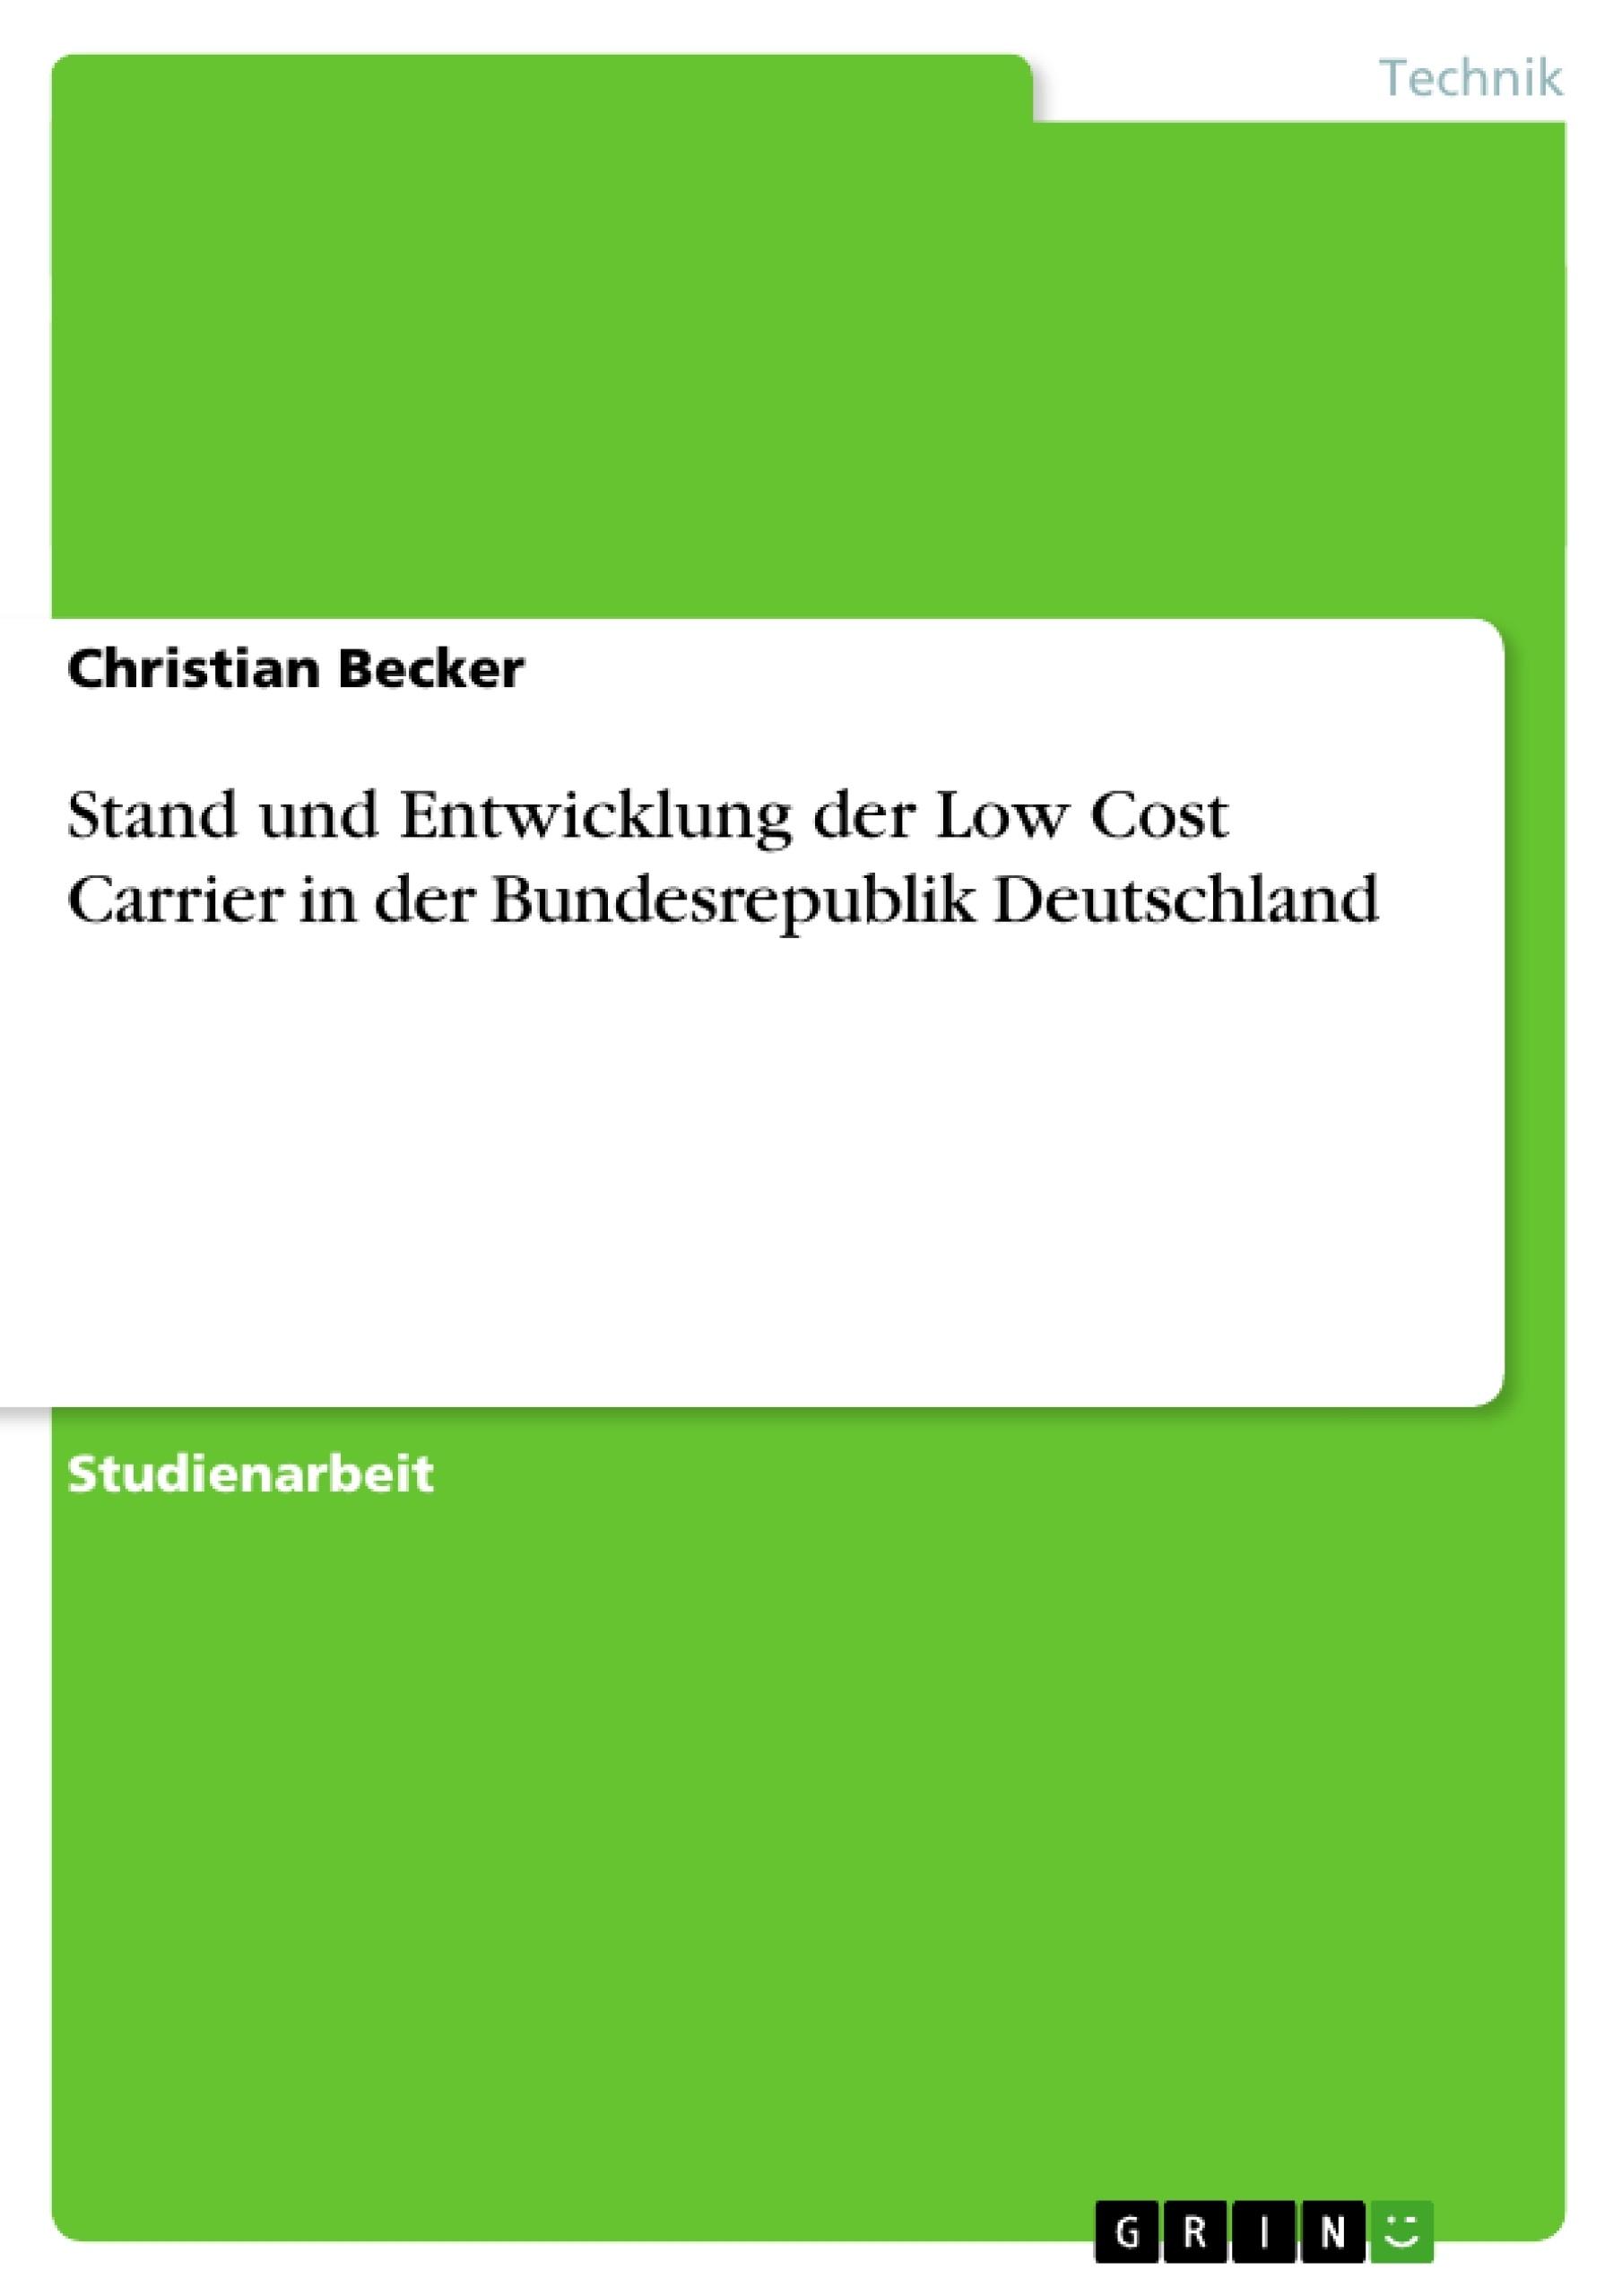 Titel: Stand und Entwicklung der Low Cost Carrier in der Bundesrepublik Deutschland